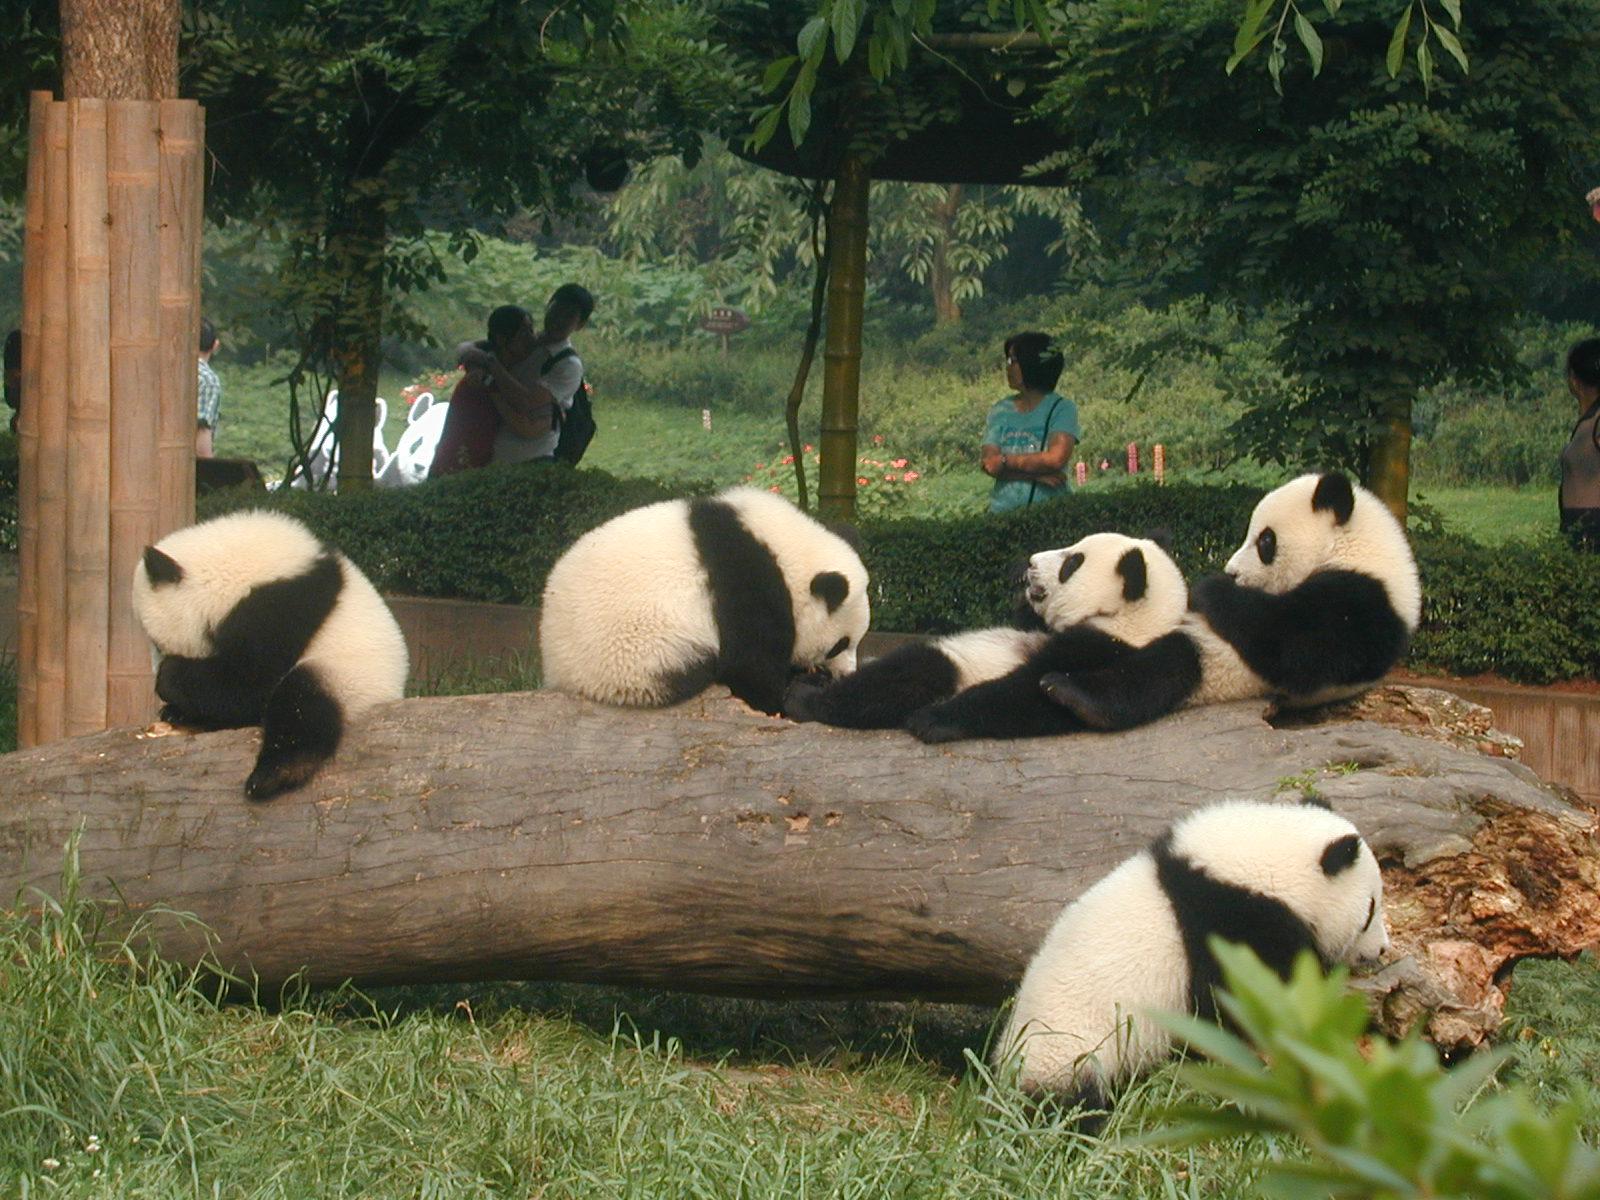 熊猫为什么这么可爱